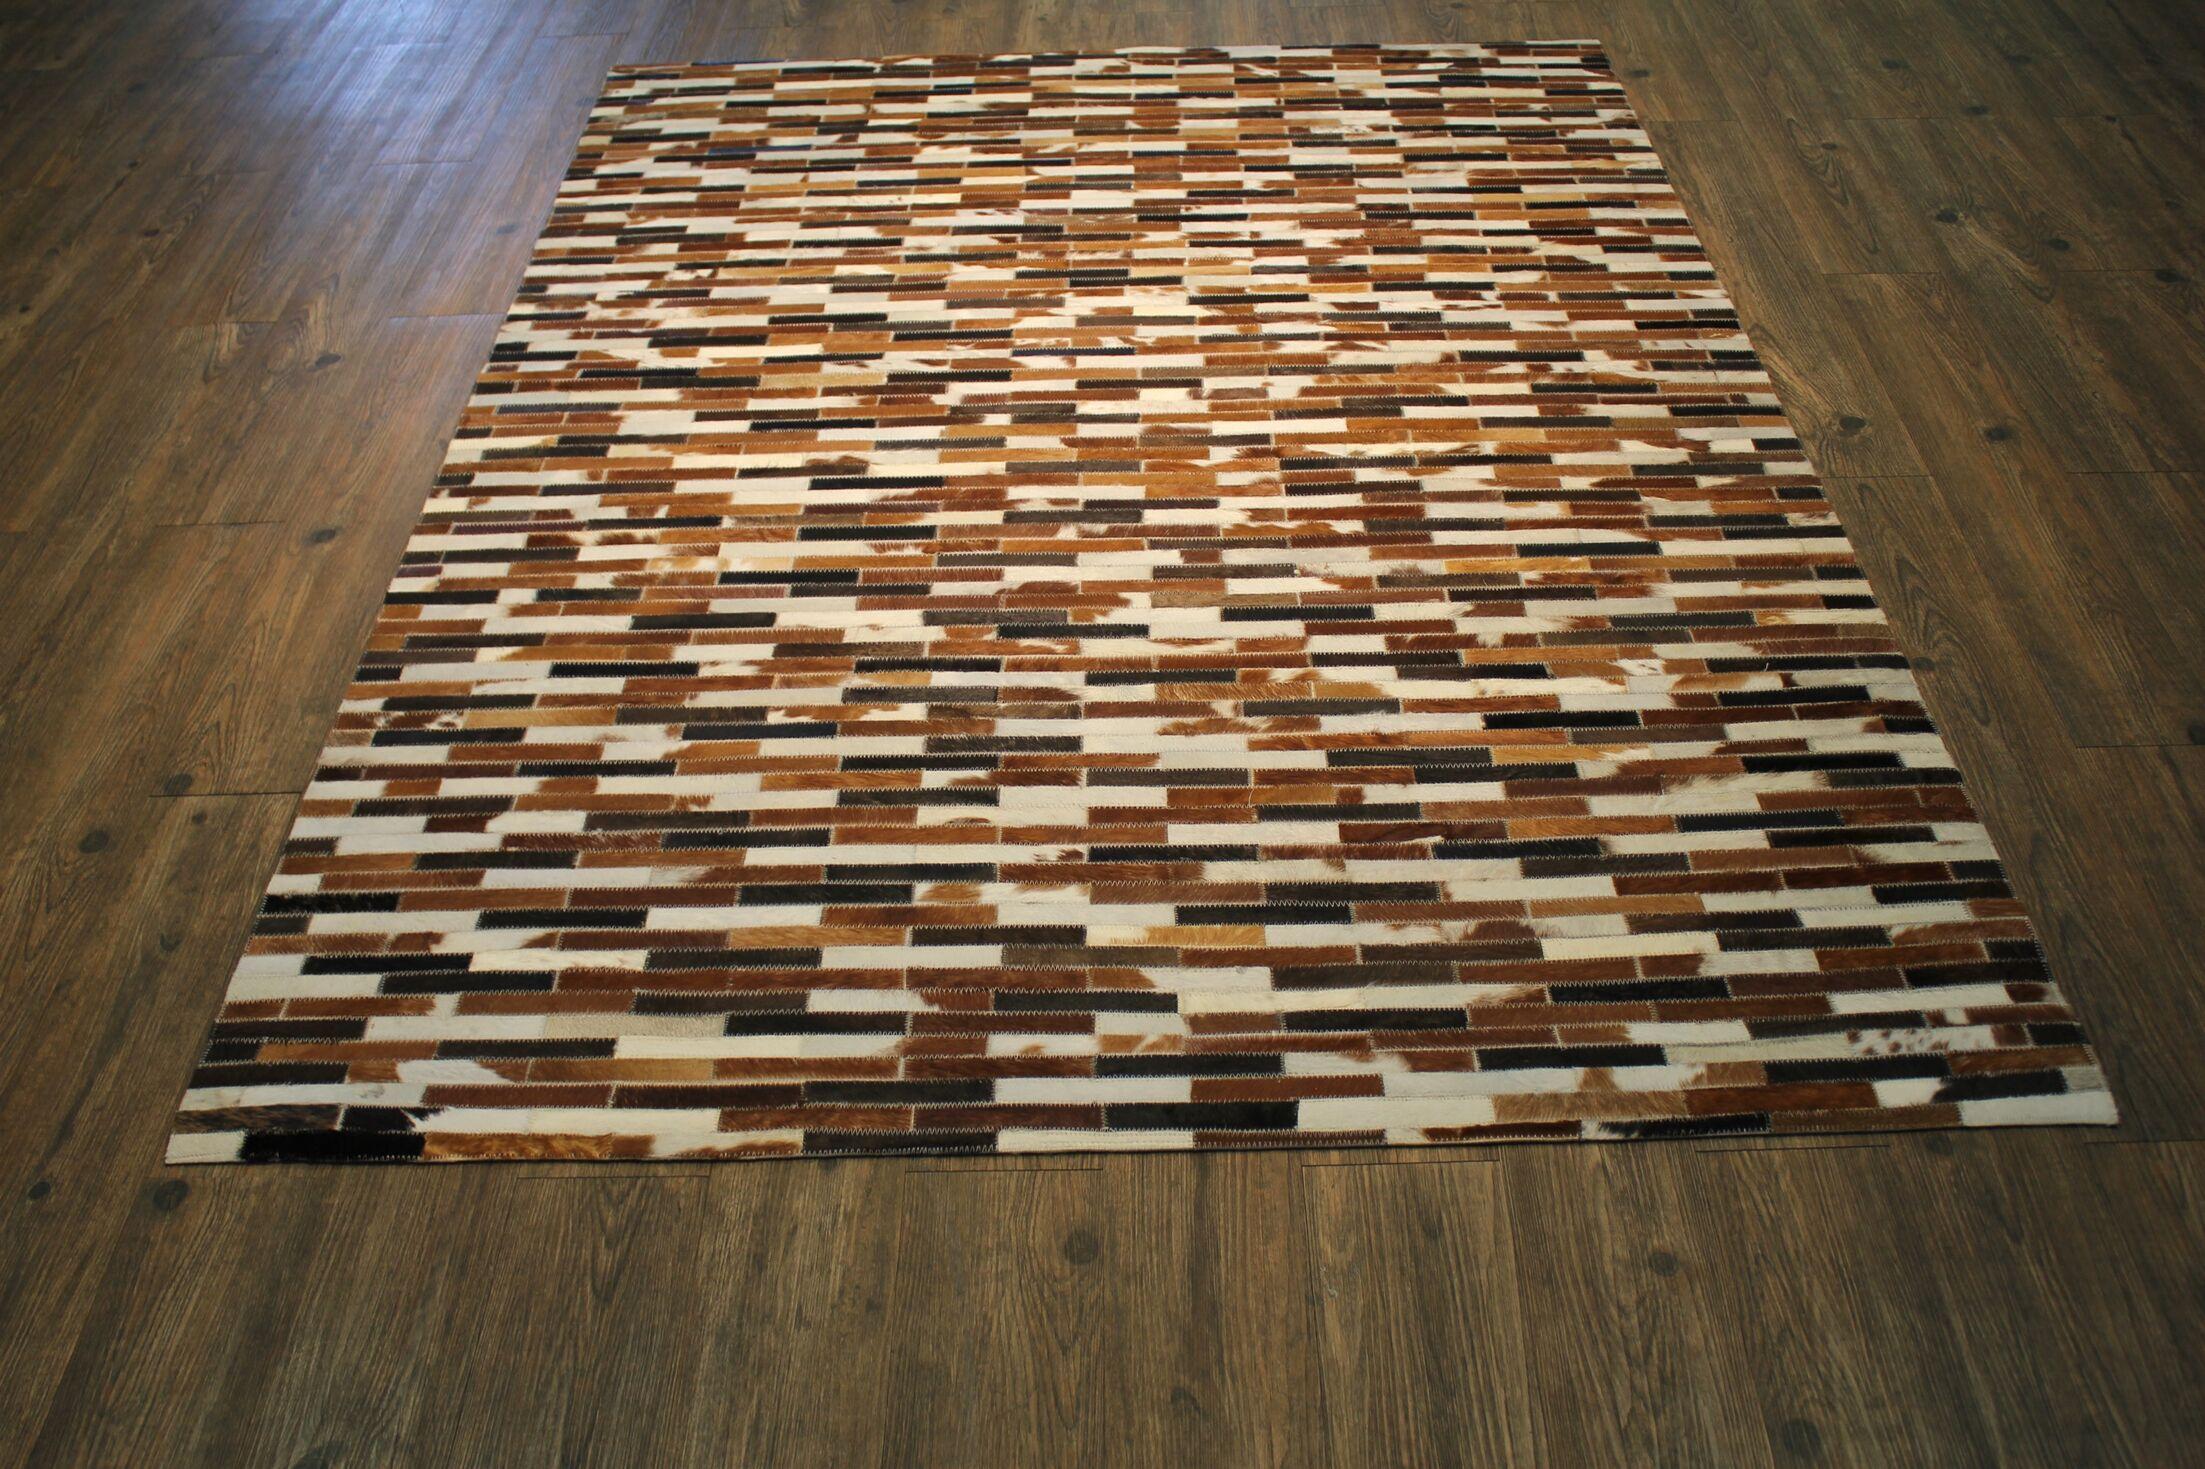 One-of-a-Kind Cincinnati Authentic Handmade Cowhide Brown/Beige Area Rug